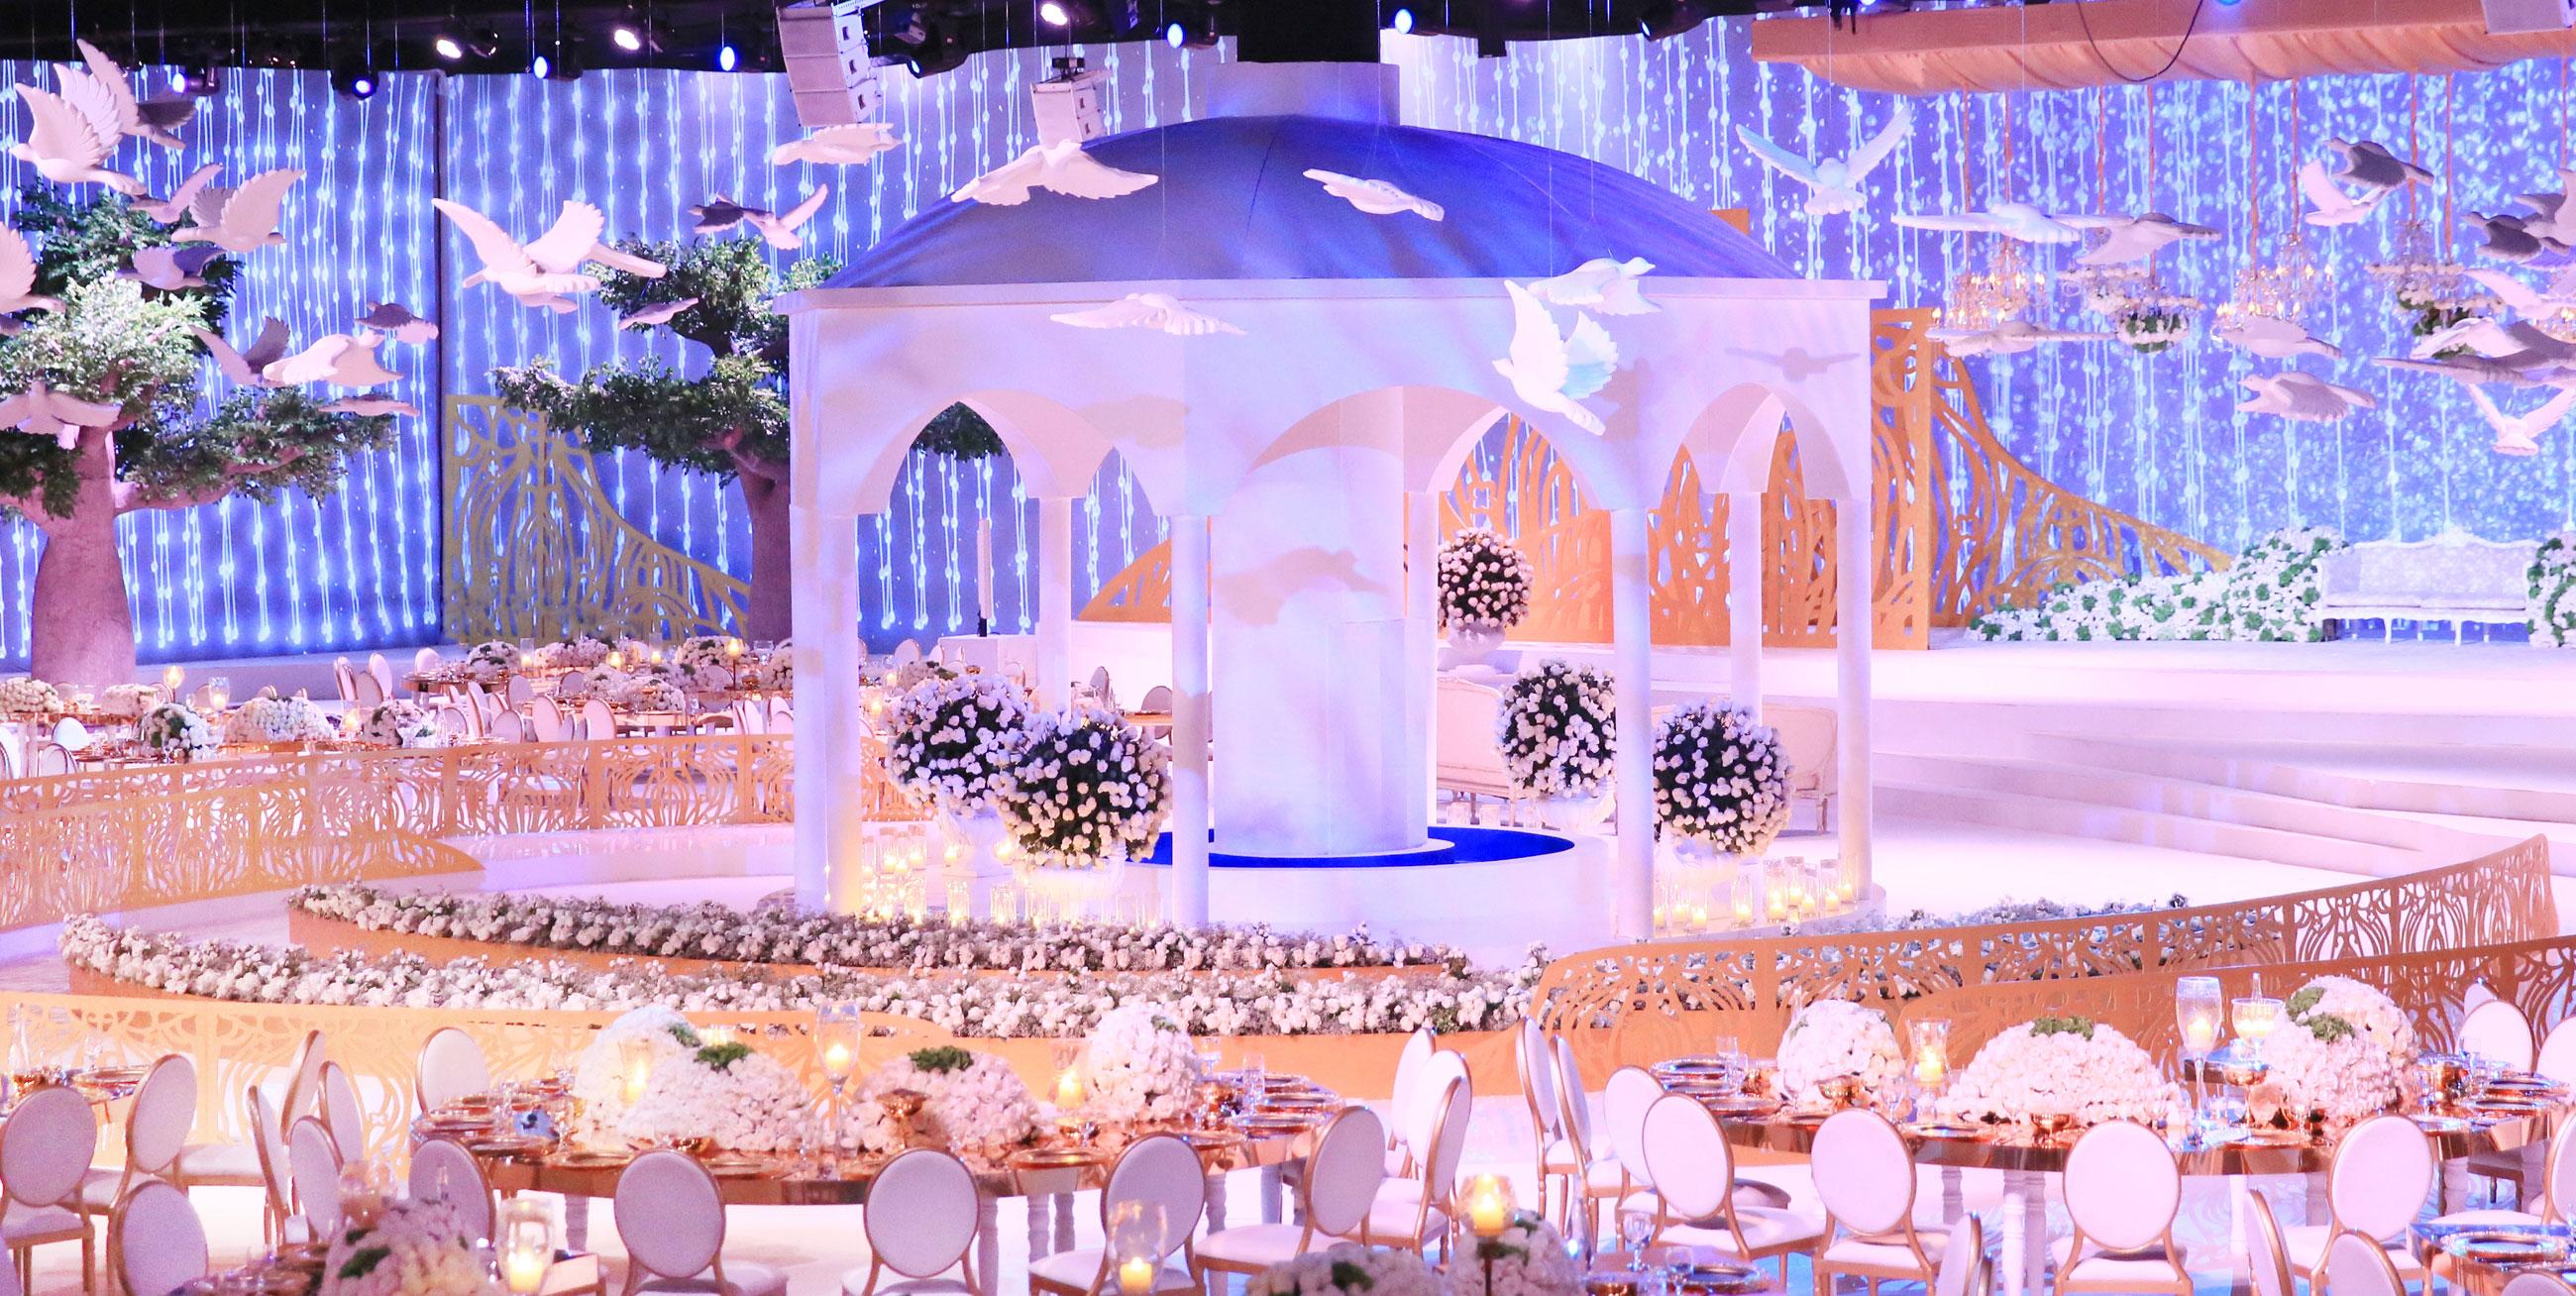 Olivierdolz | Top Wedding Planner & Event Organizer in Dubai, Abu ...